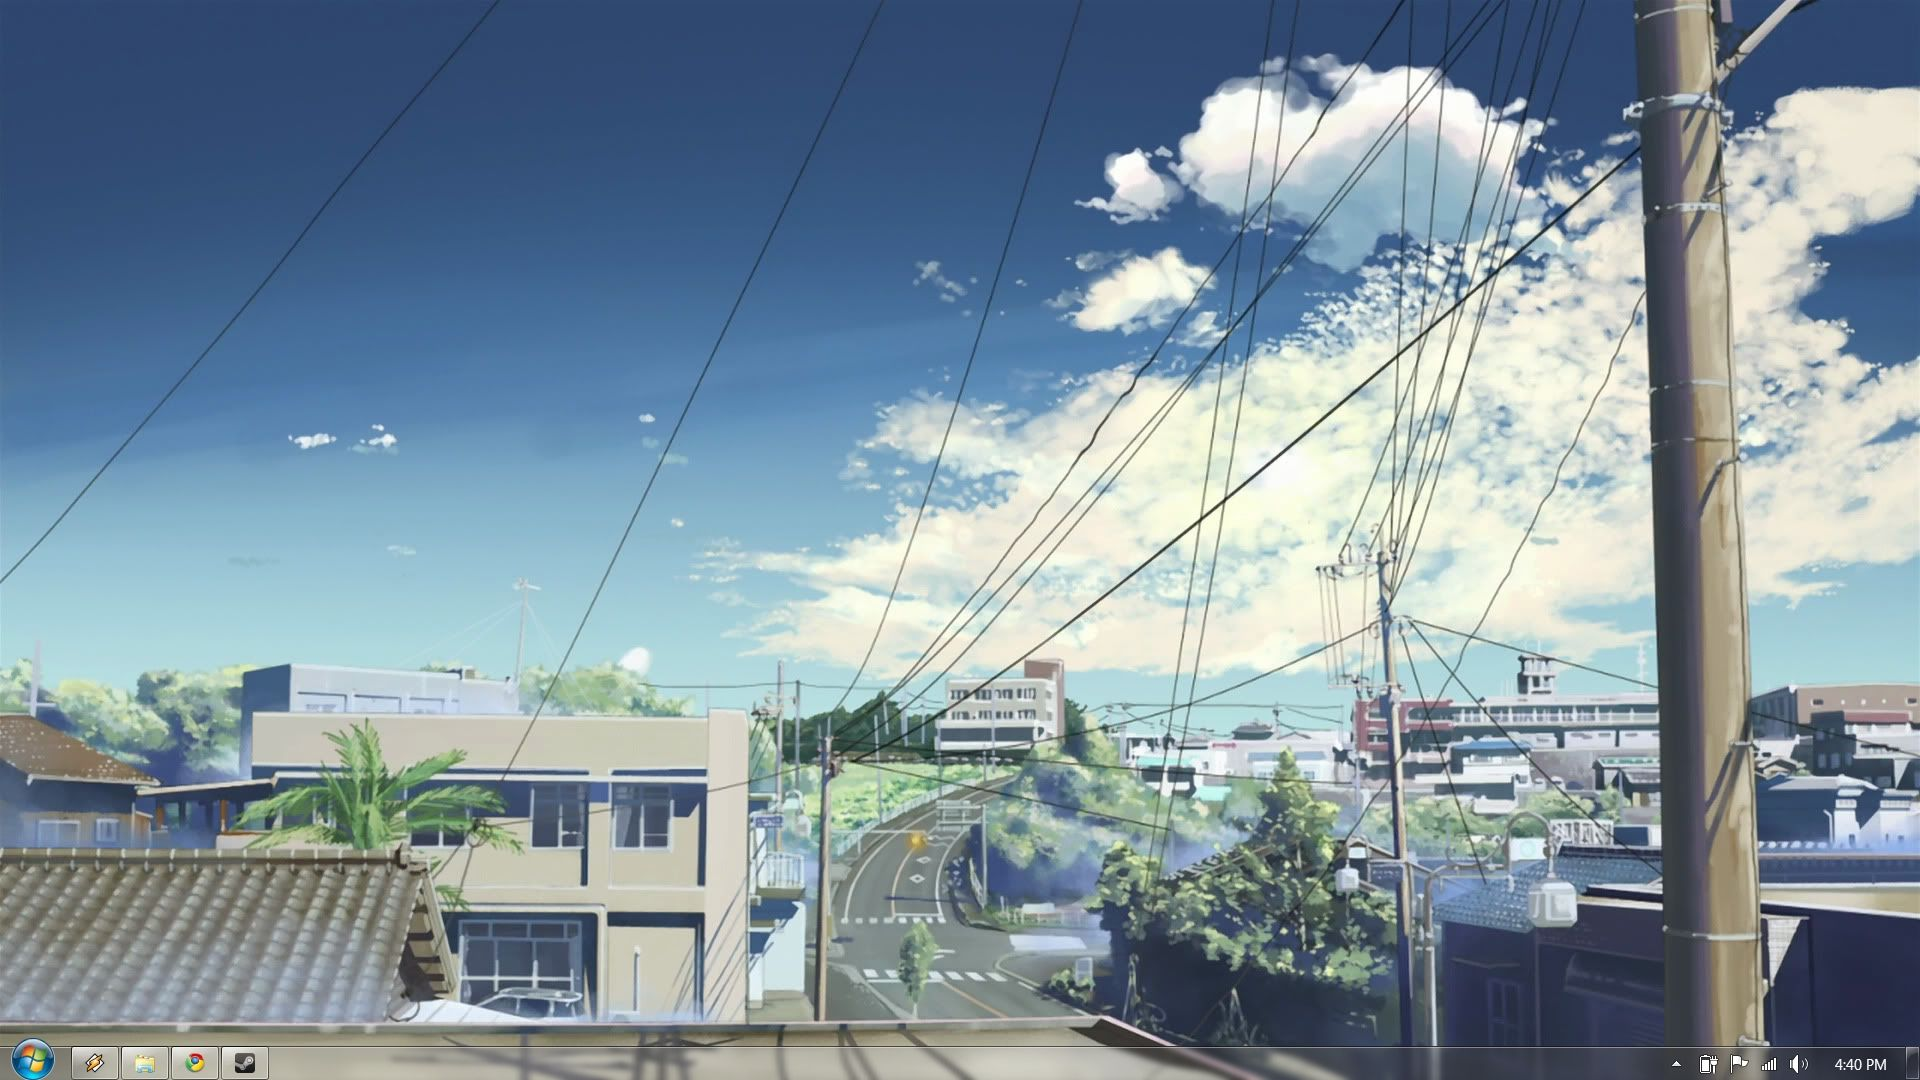 Anime Aesthetic Wallpaper Contoh Soal Dan Materi Pelajaran 10